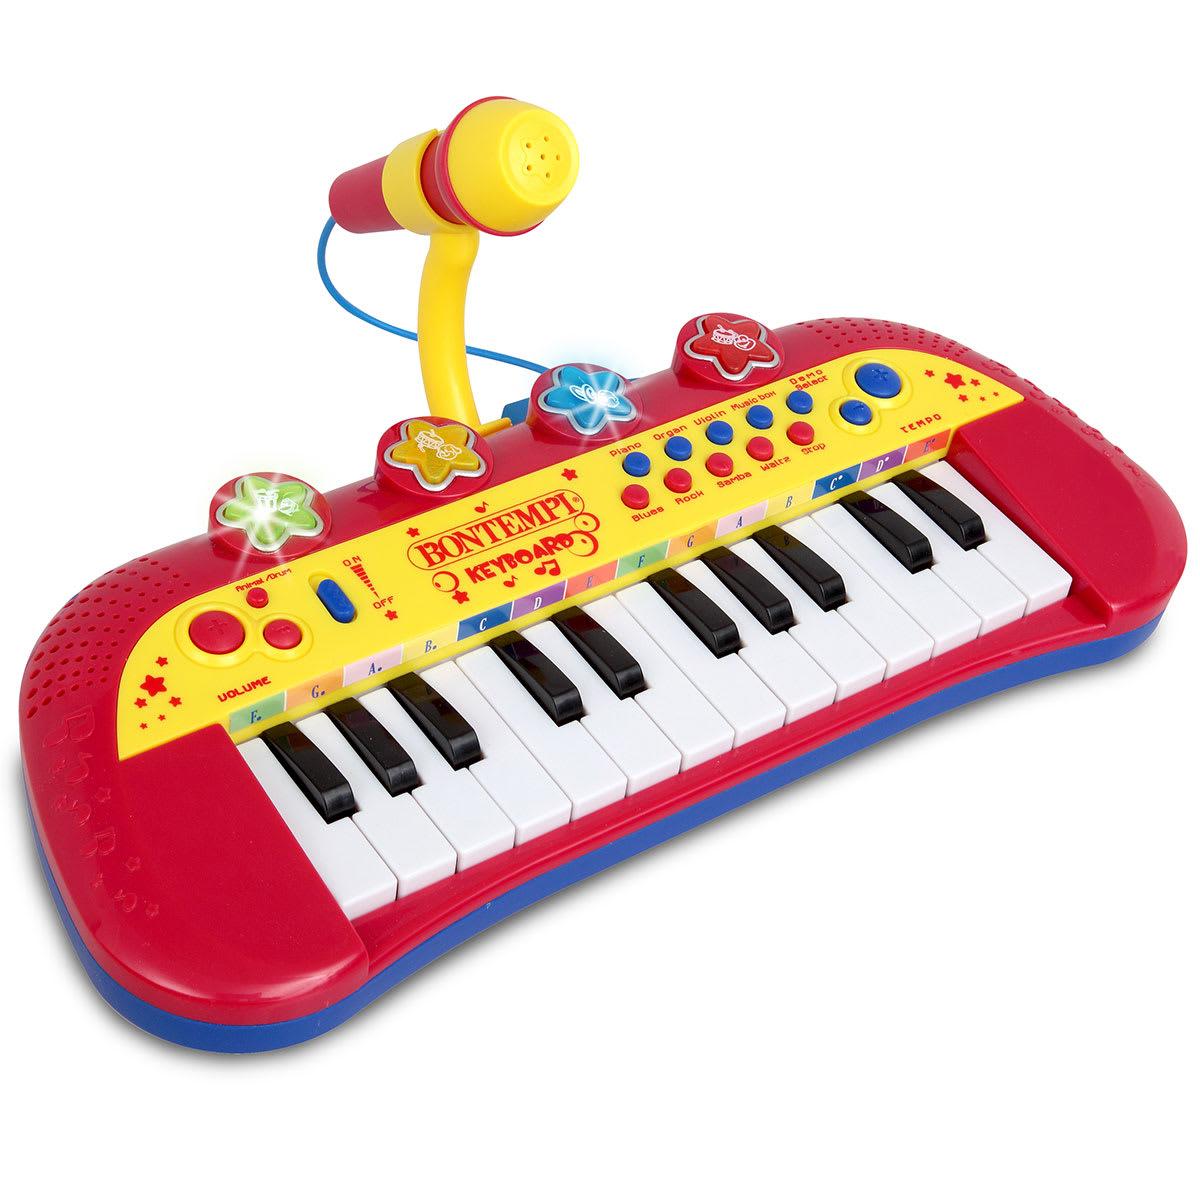 Med 24 tangenter, demosange, lydeffekter og rytmer